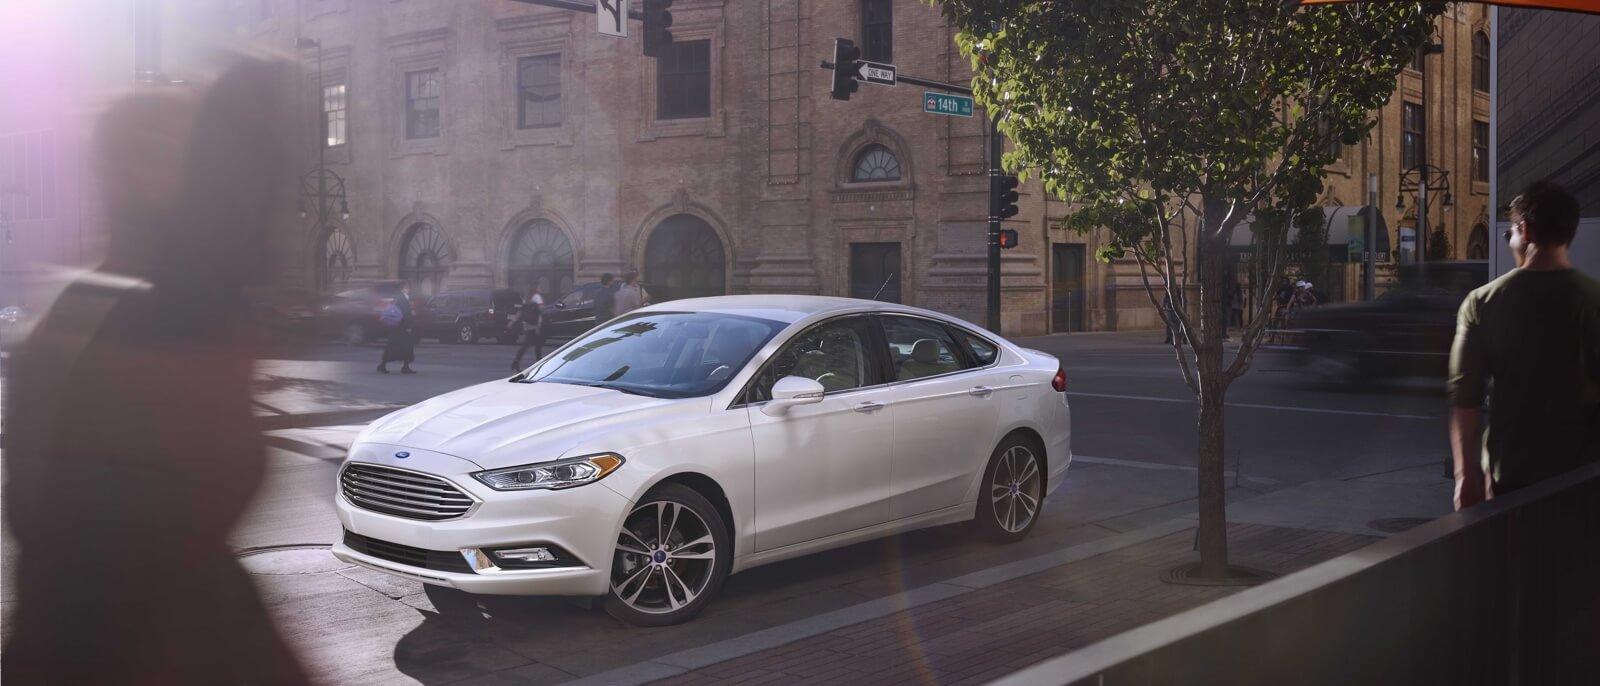 2017 Ford Fusion white exterior